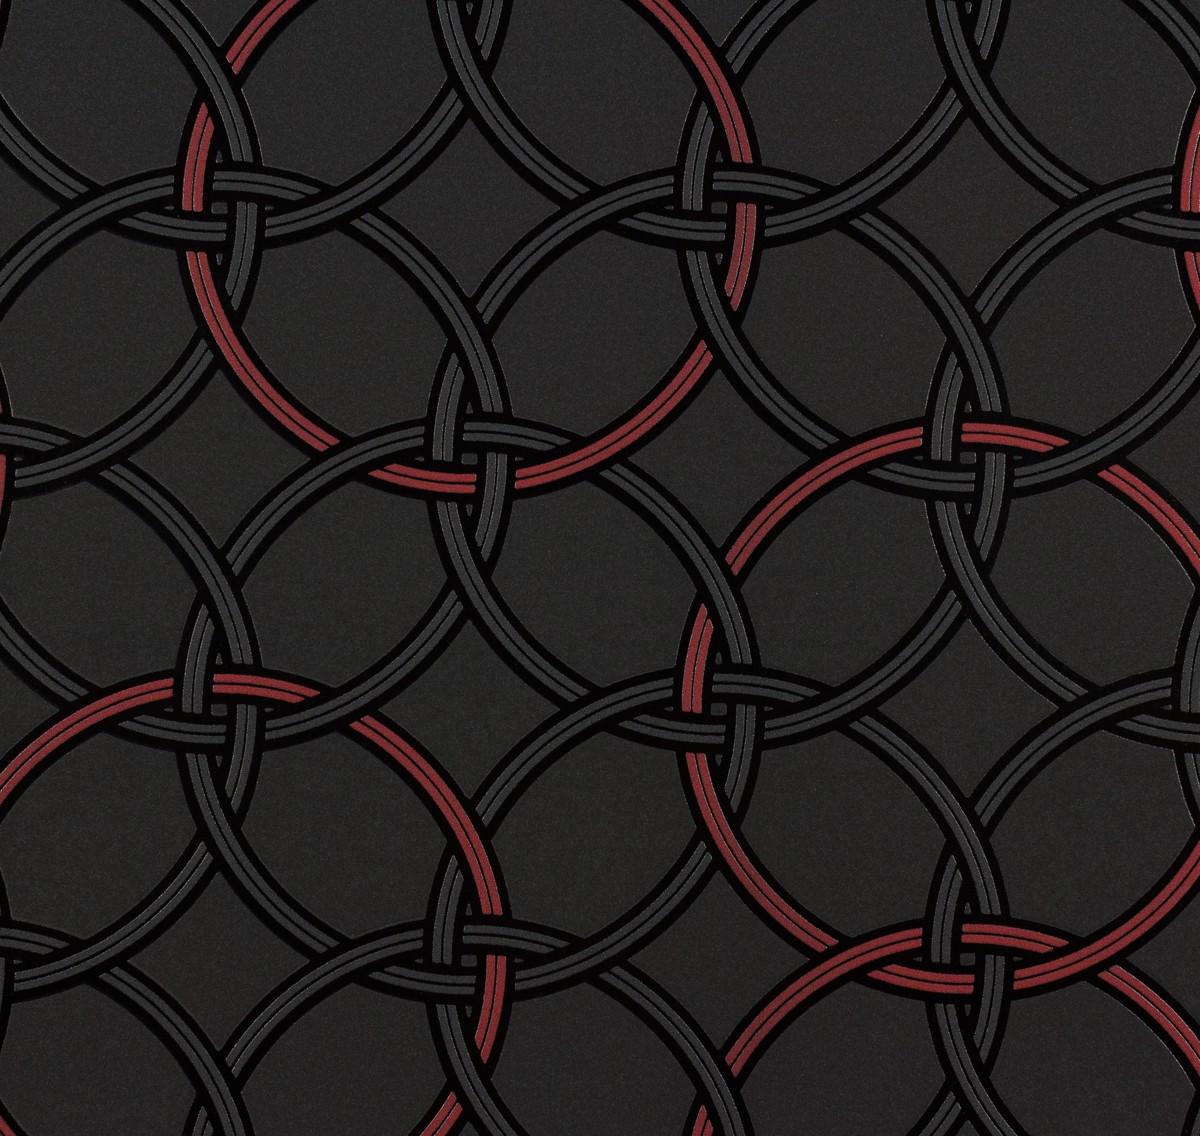 Rote Tapeten Wandgestaltung Bilderwelten Vliestapete Backstein